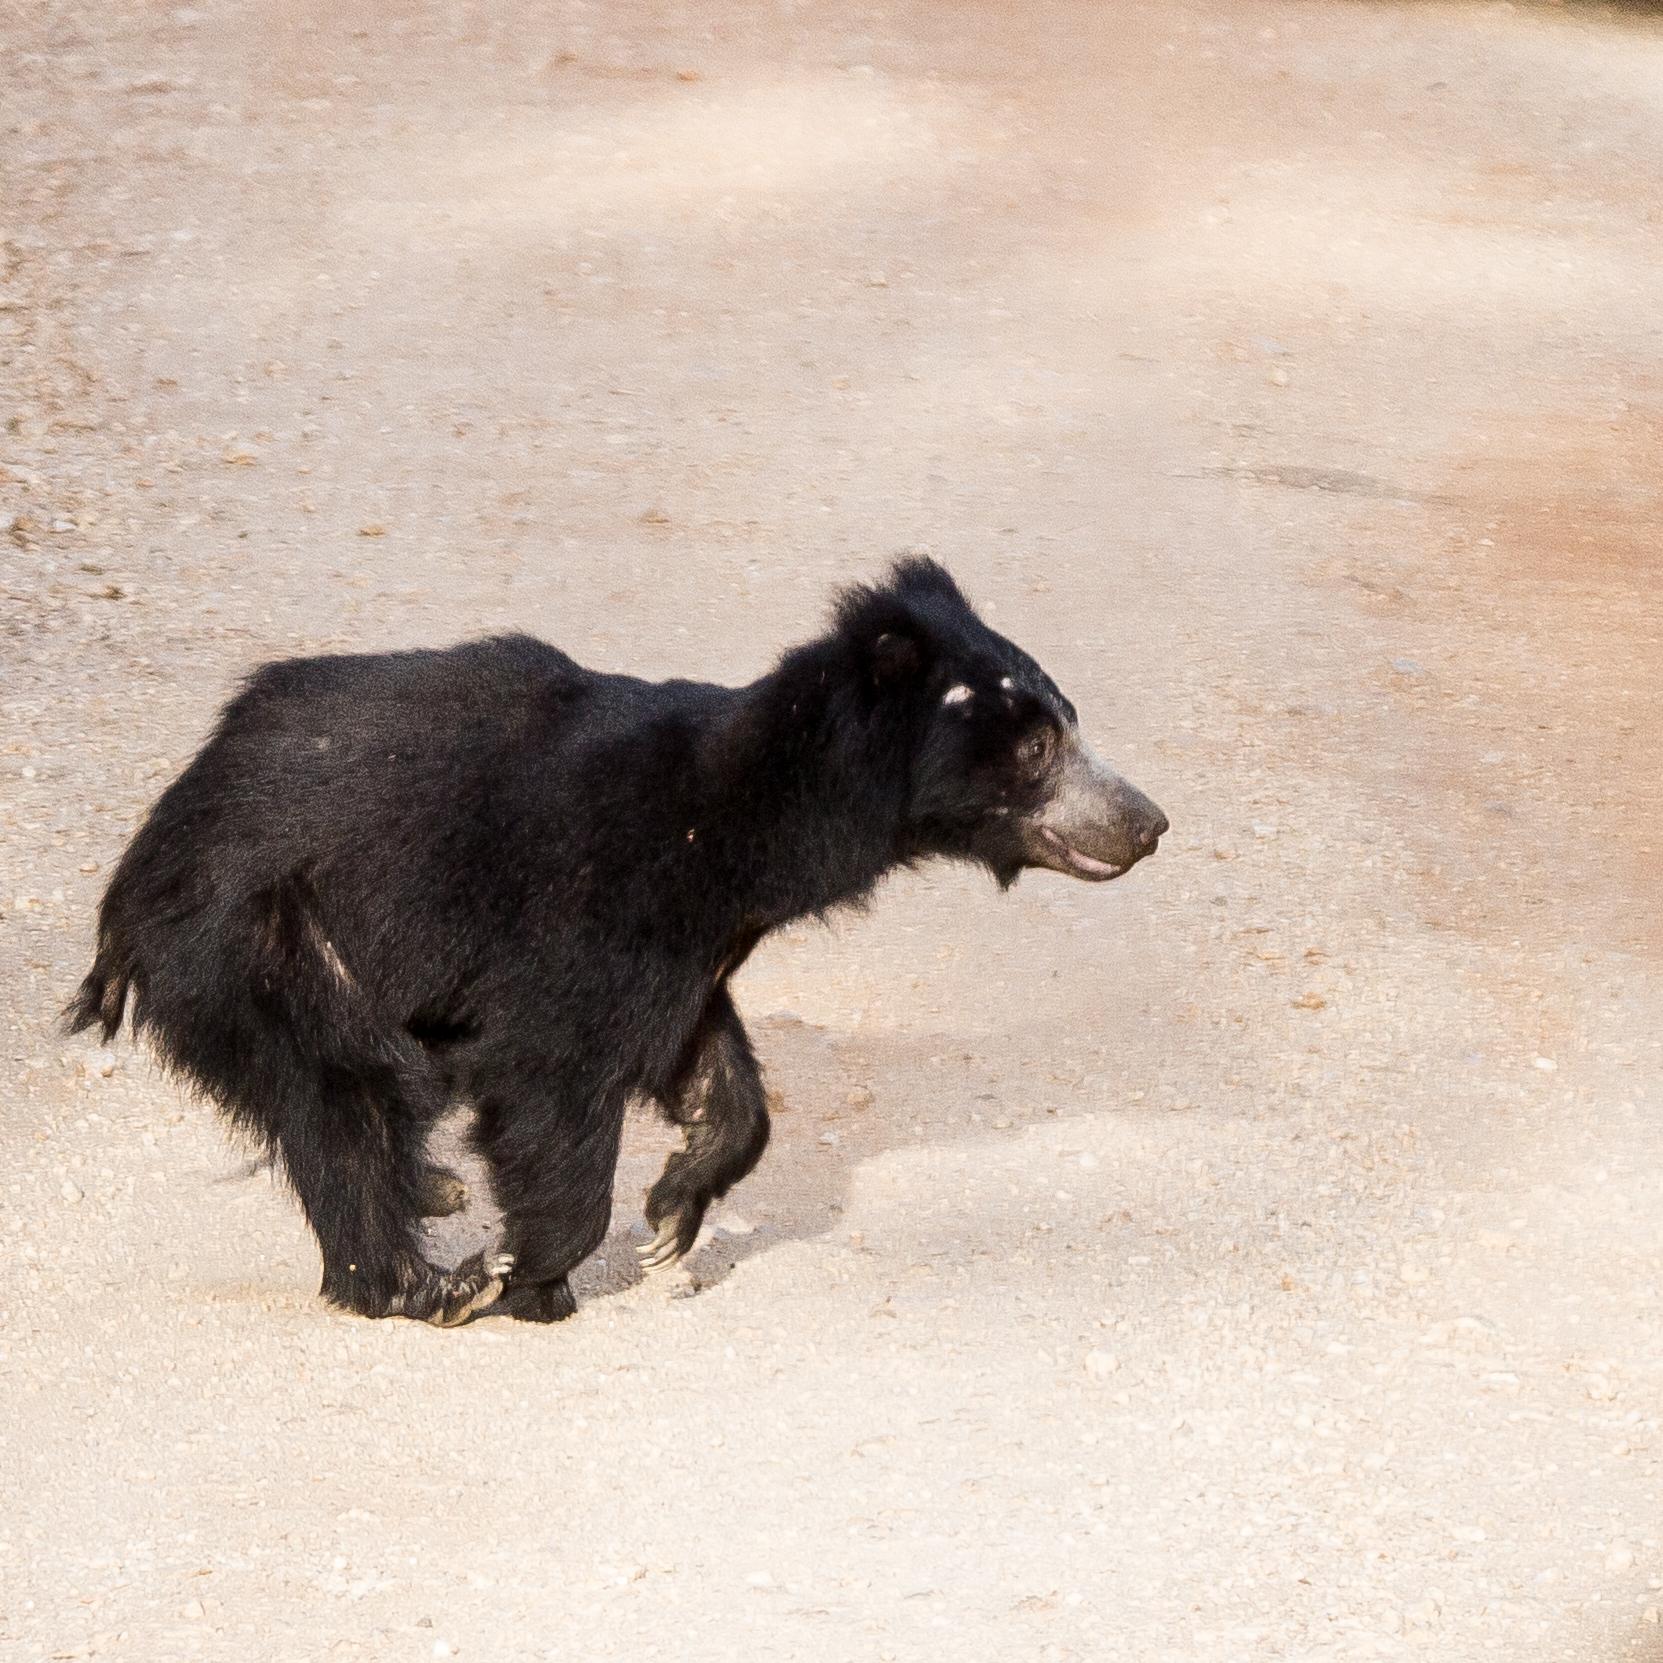 Yala Safari: Sloth Bear